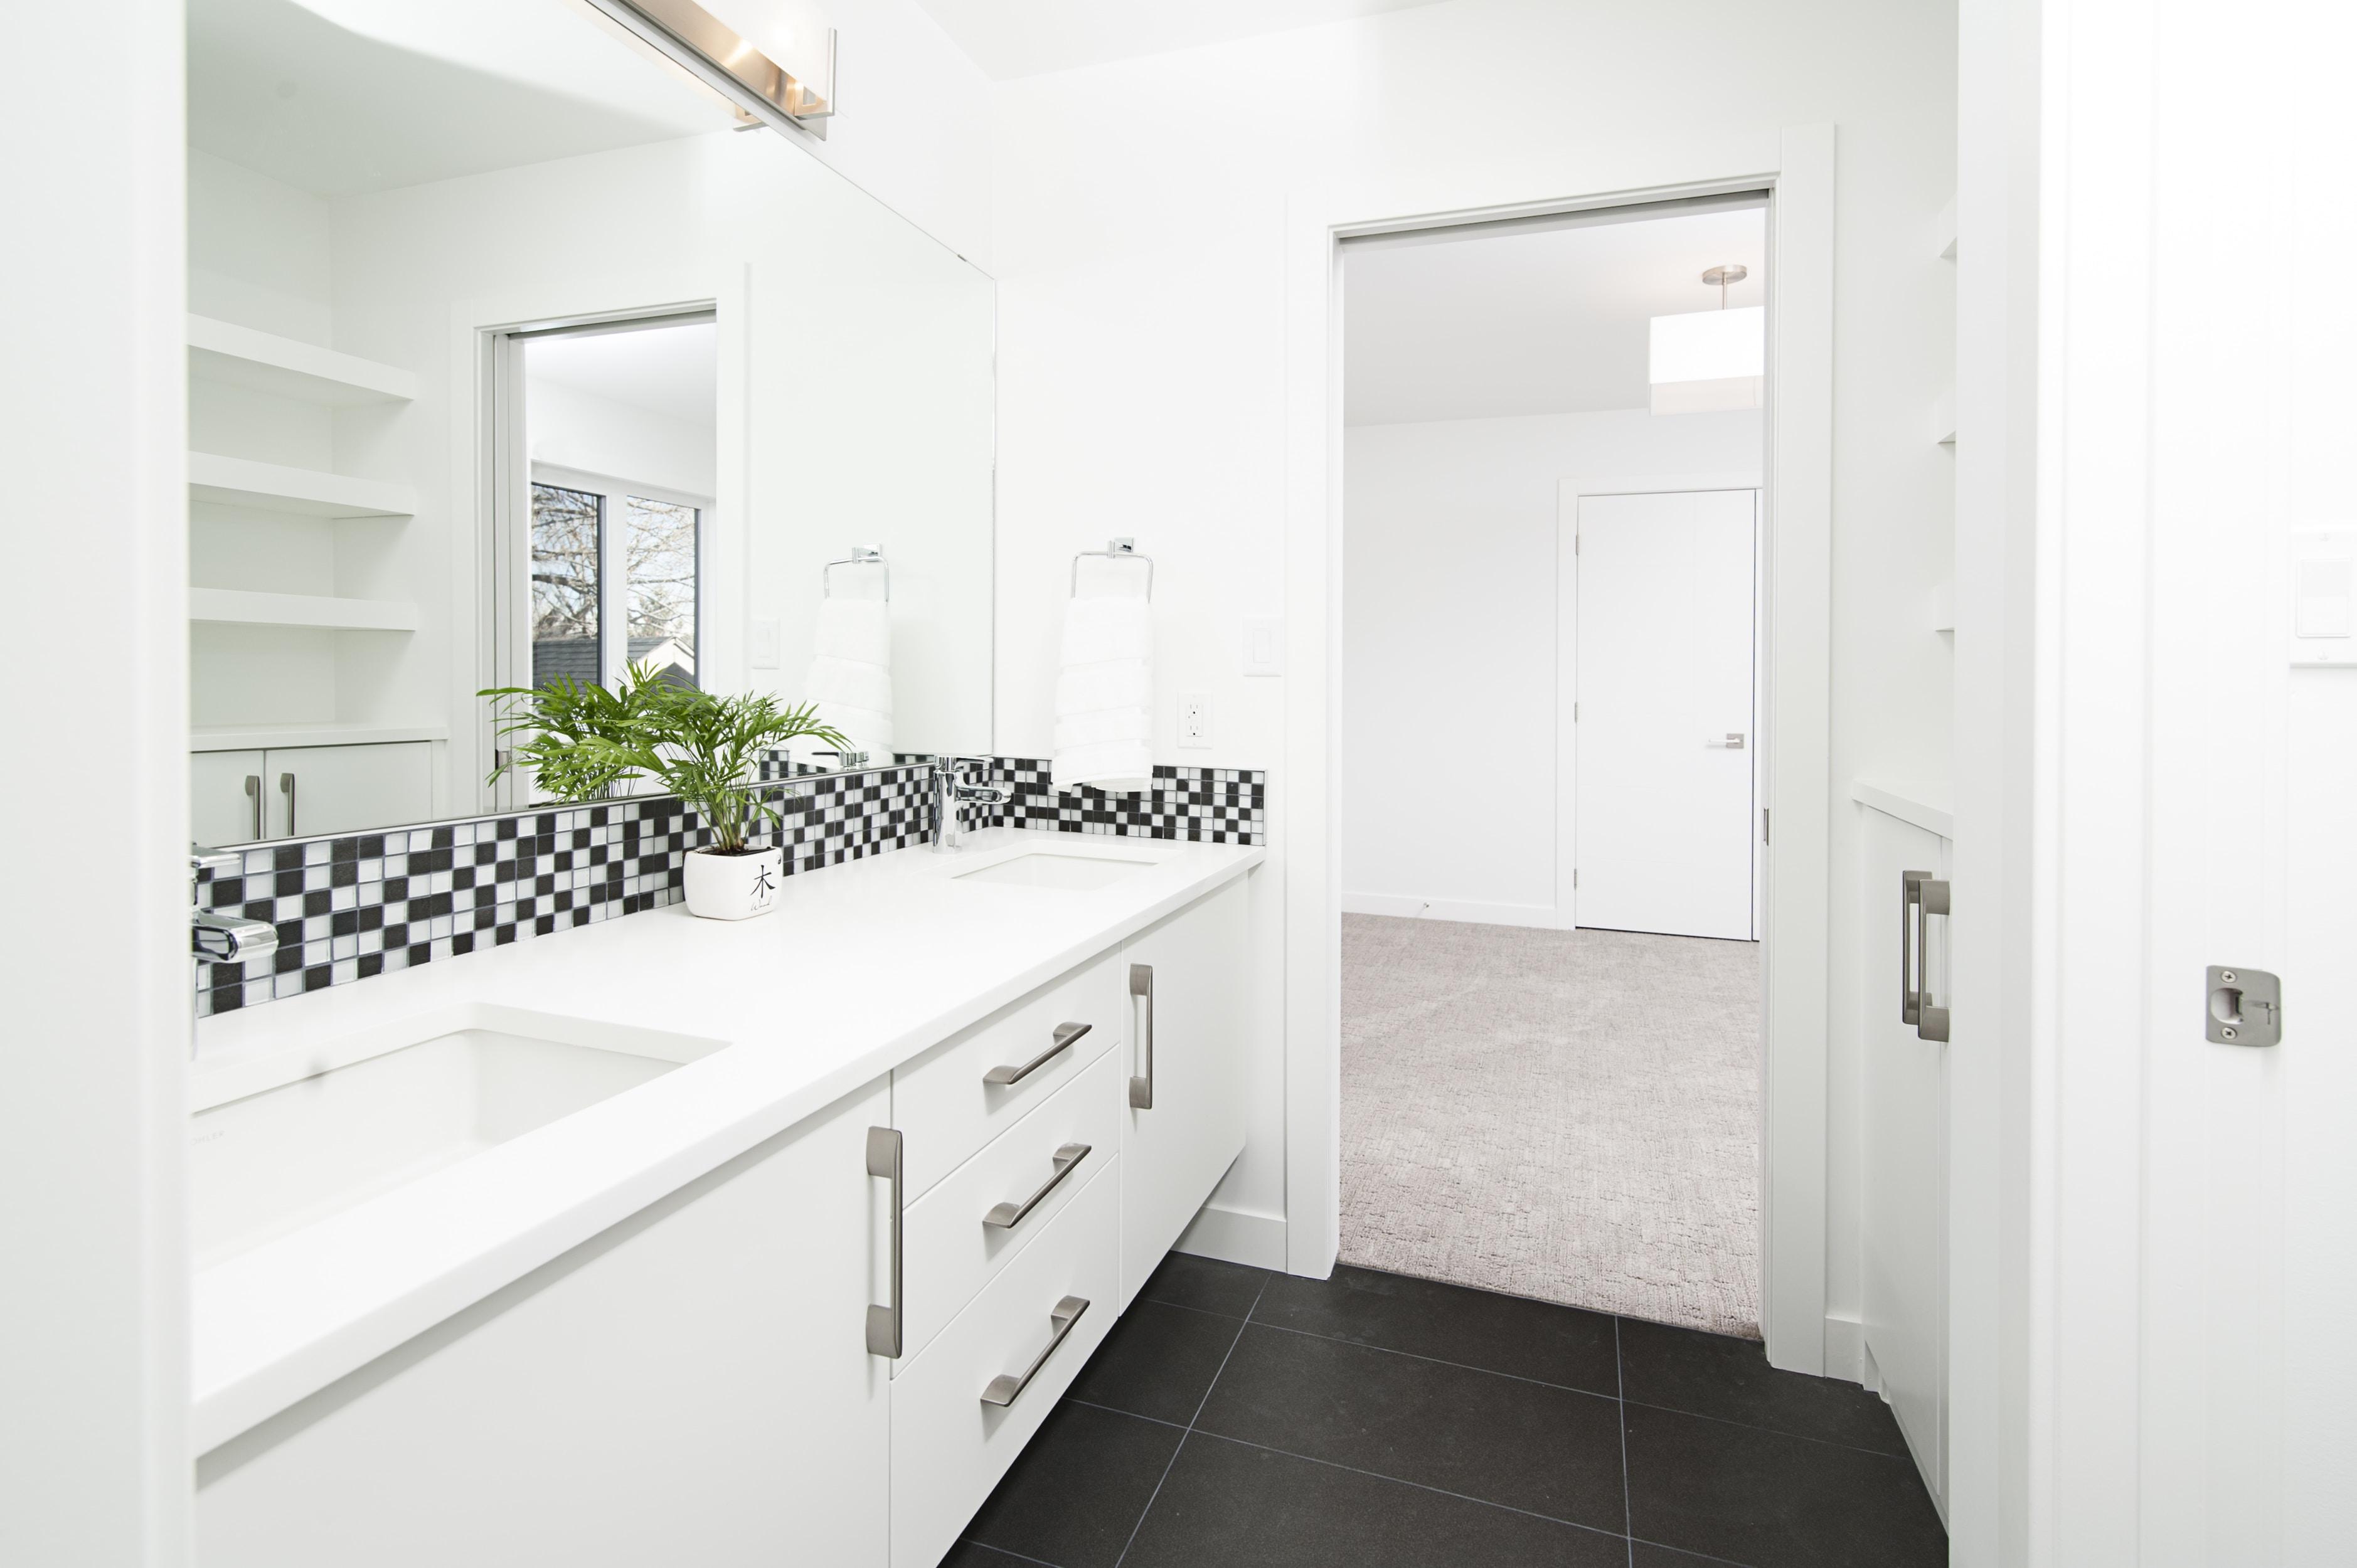 white wooden kitchen cabinet set